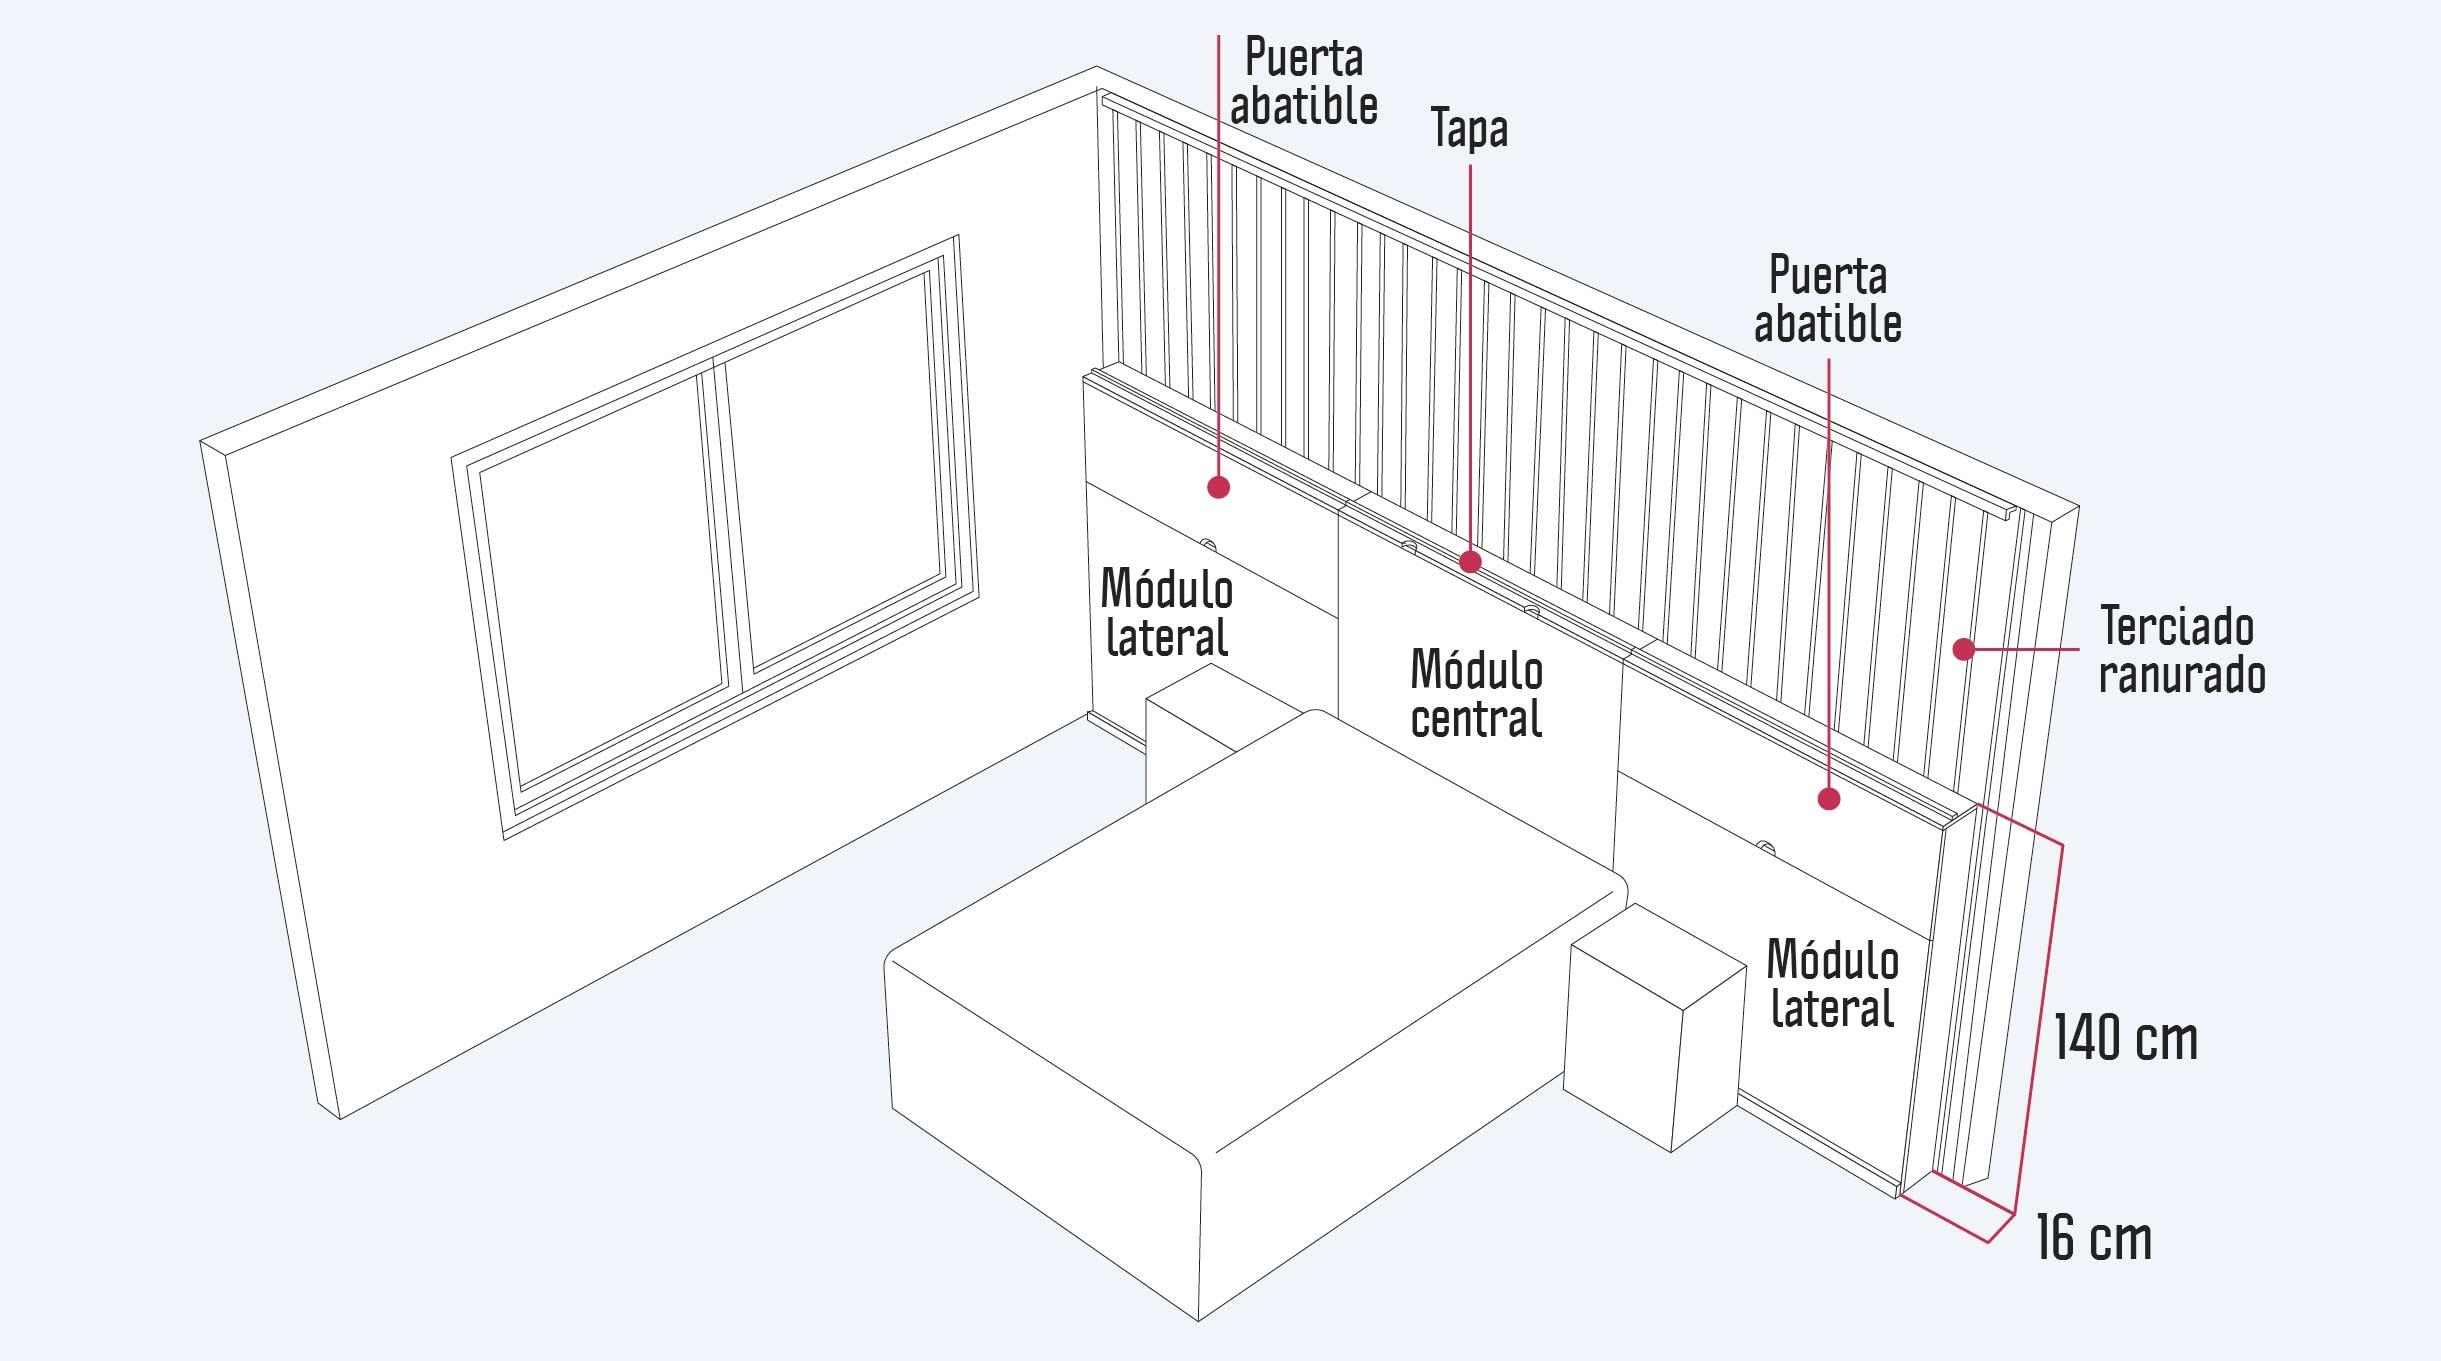 maxi respaldo para cama consta de dos módulos laterales, uno central, 2 puertas abatiles, una tapa y terciado ranurado instalado en la pared donde va fijado